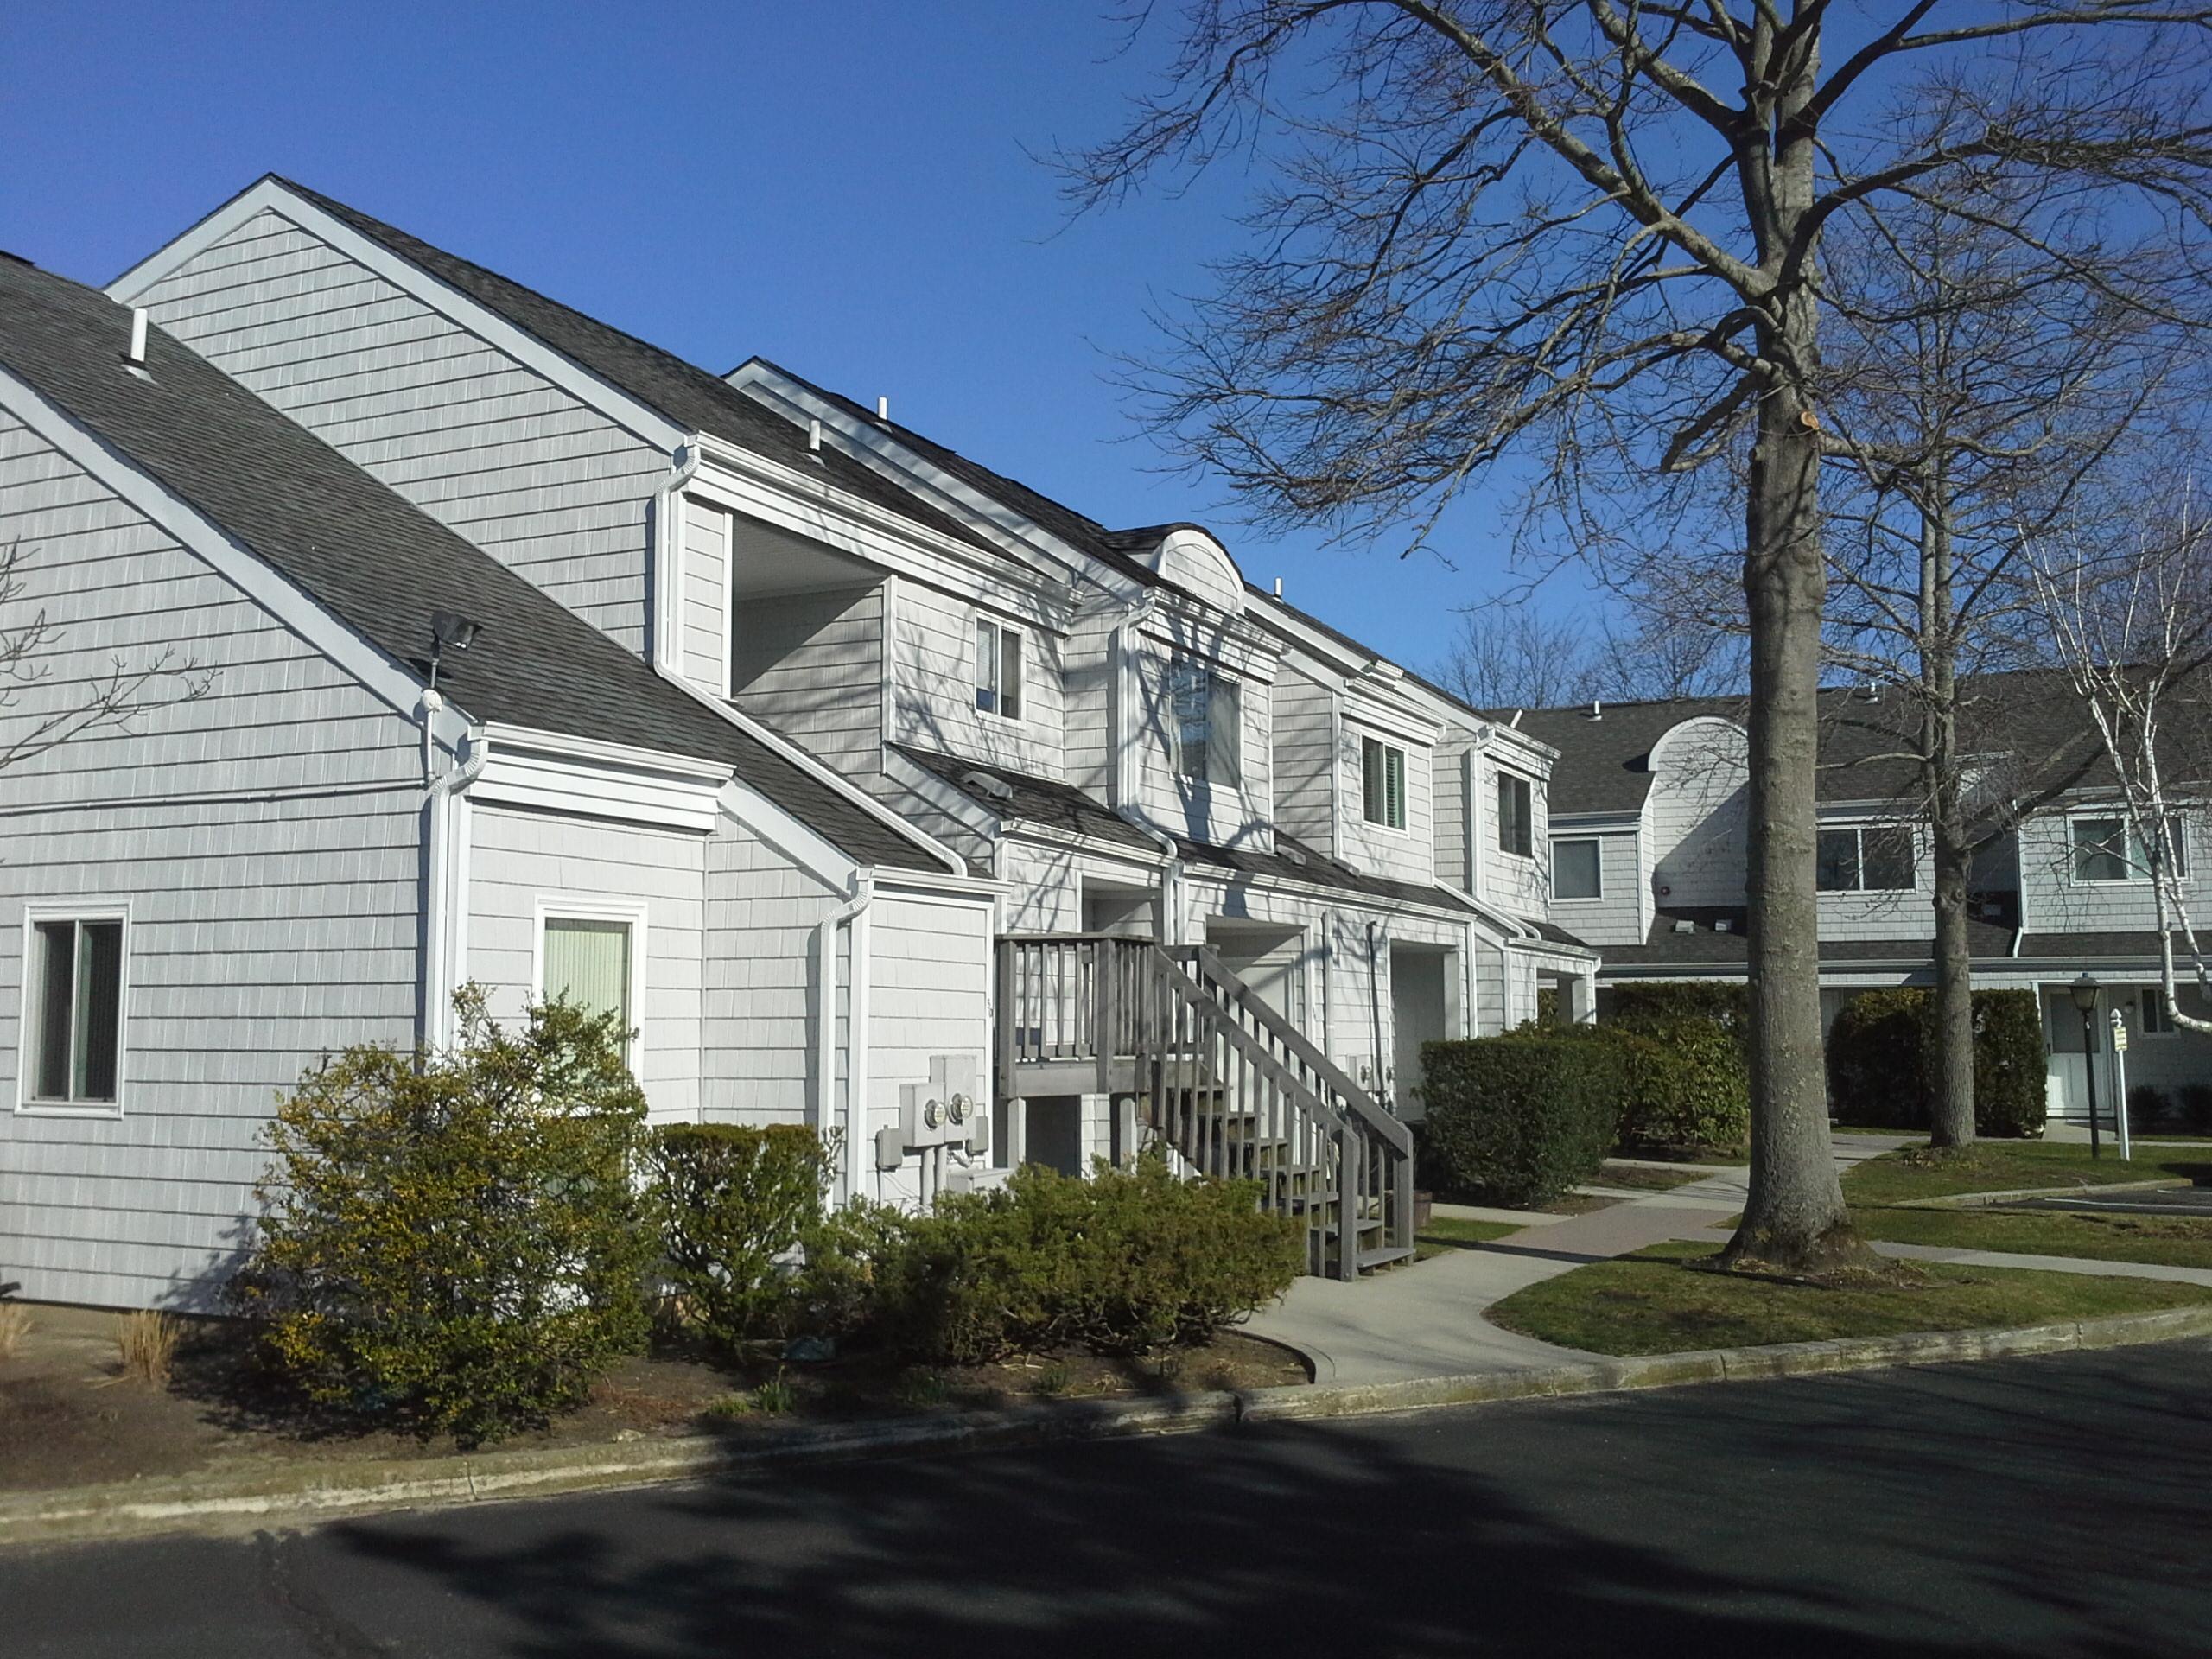 Hampton villas condos speonk southampton township new york for Condos for sale in new york